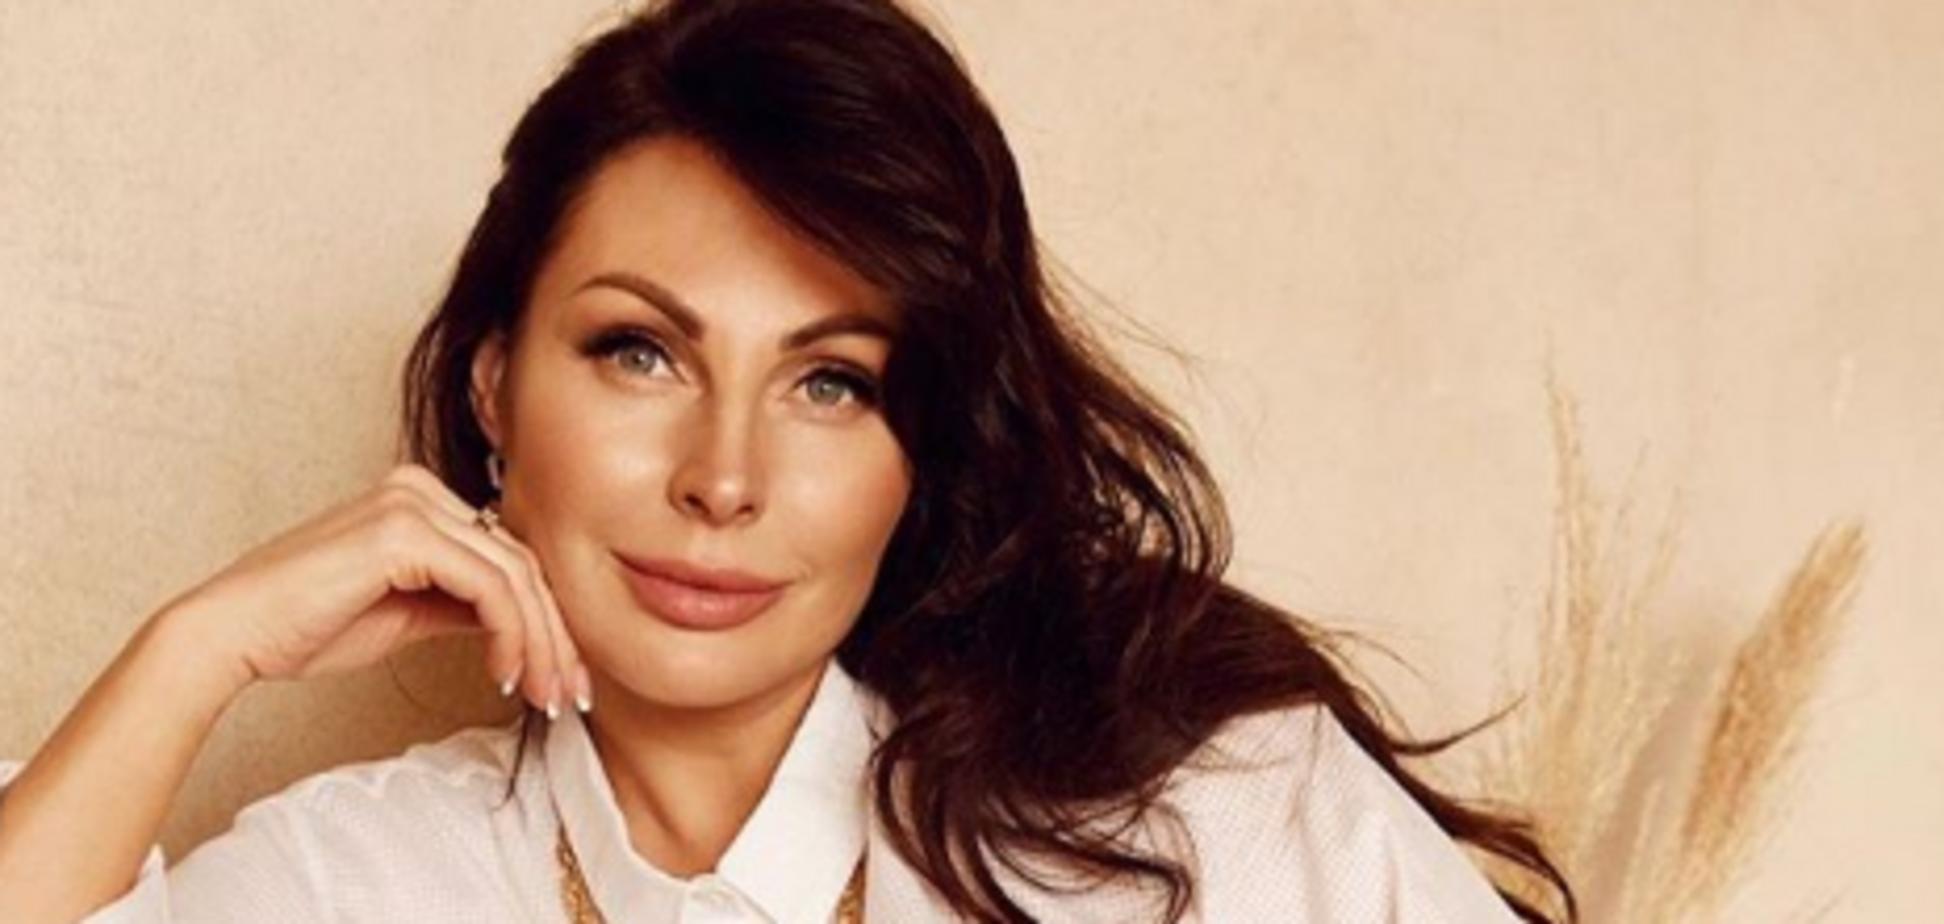 'Мне нужно лечиться': Бочкарева высказалась после скандала с наркотиками